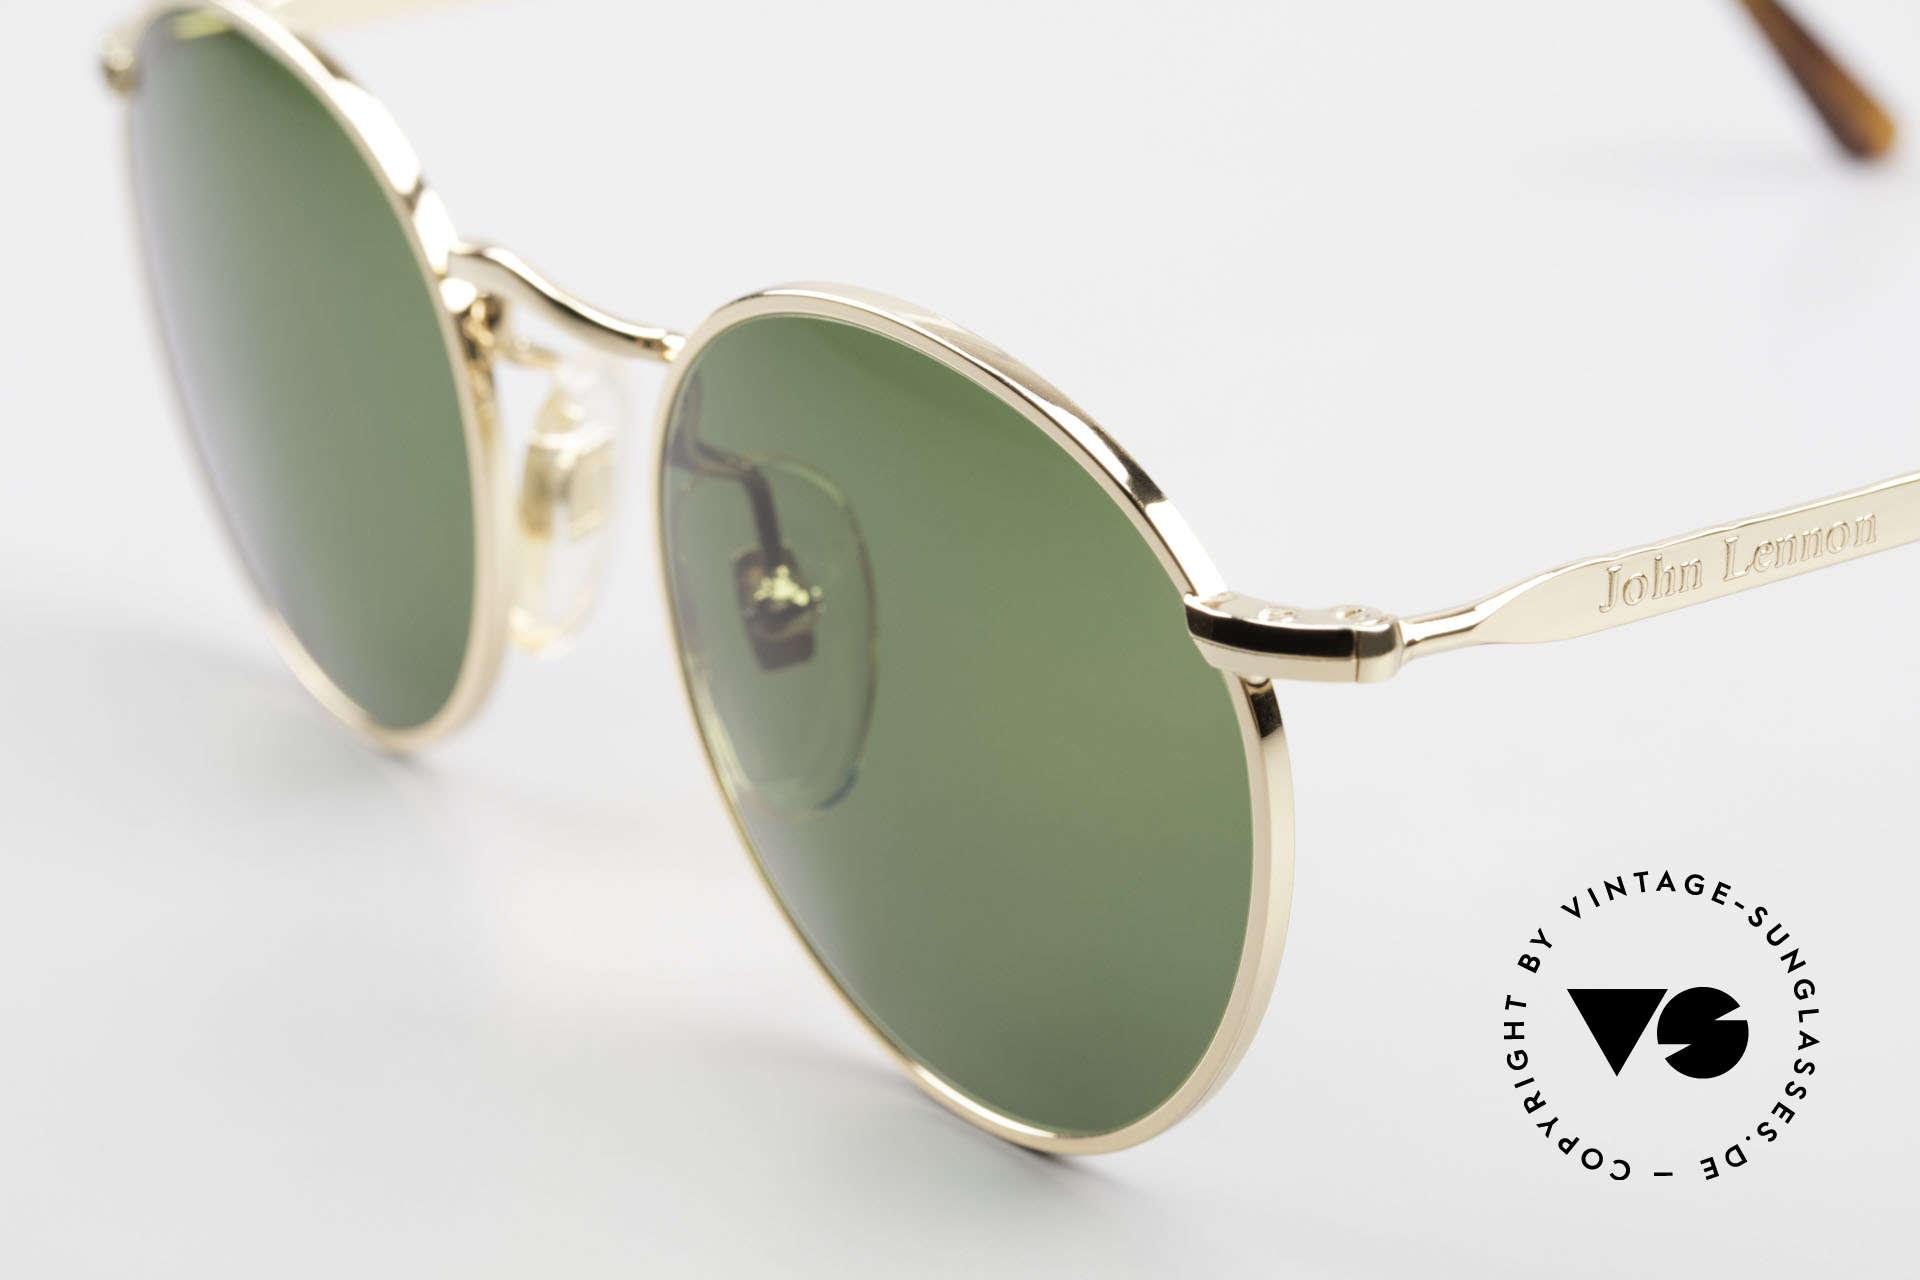 John Lennon - The Dreamer Original JL Collection Glasses, grass-green plastic sun lenses (for 100% UV protection), Made for Men and Women